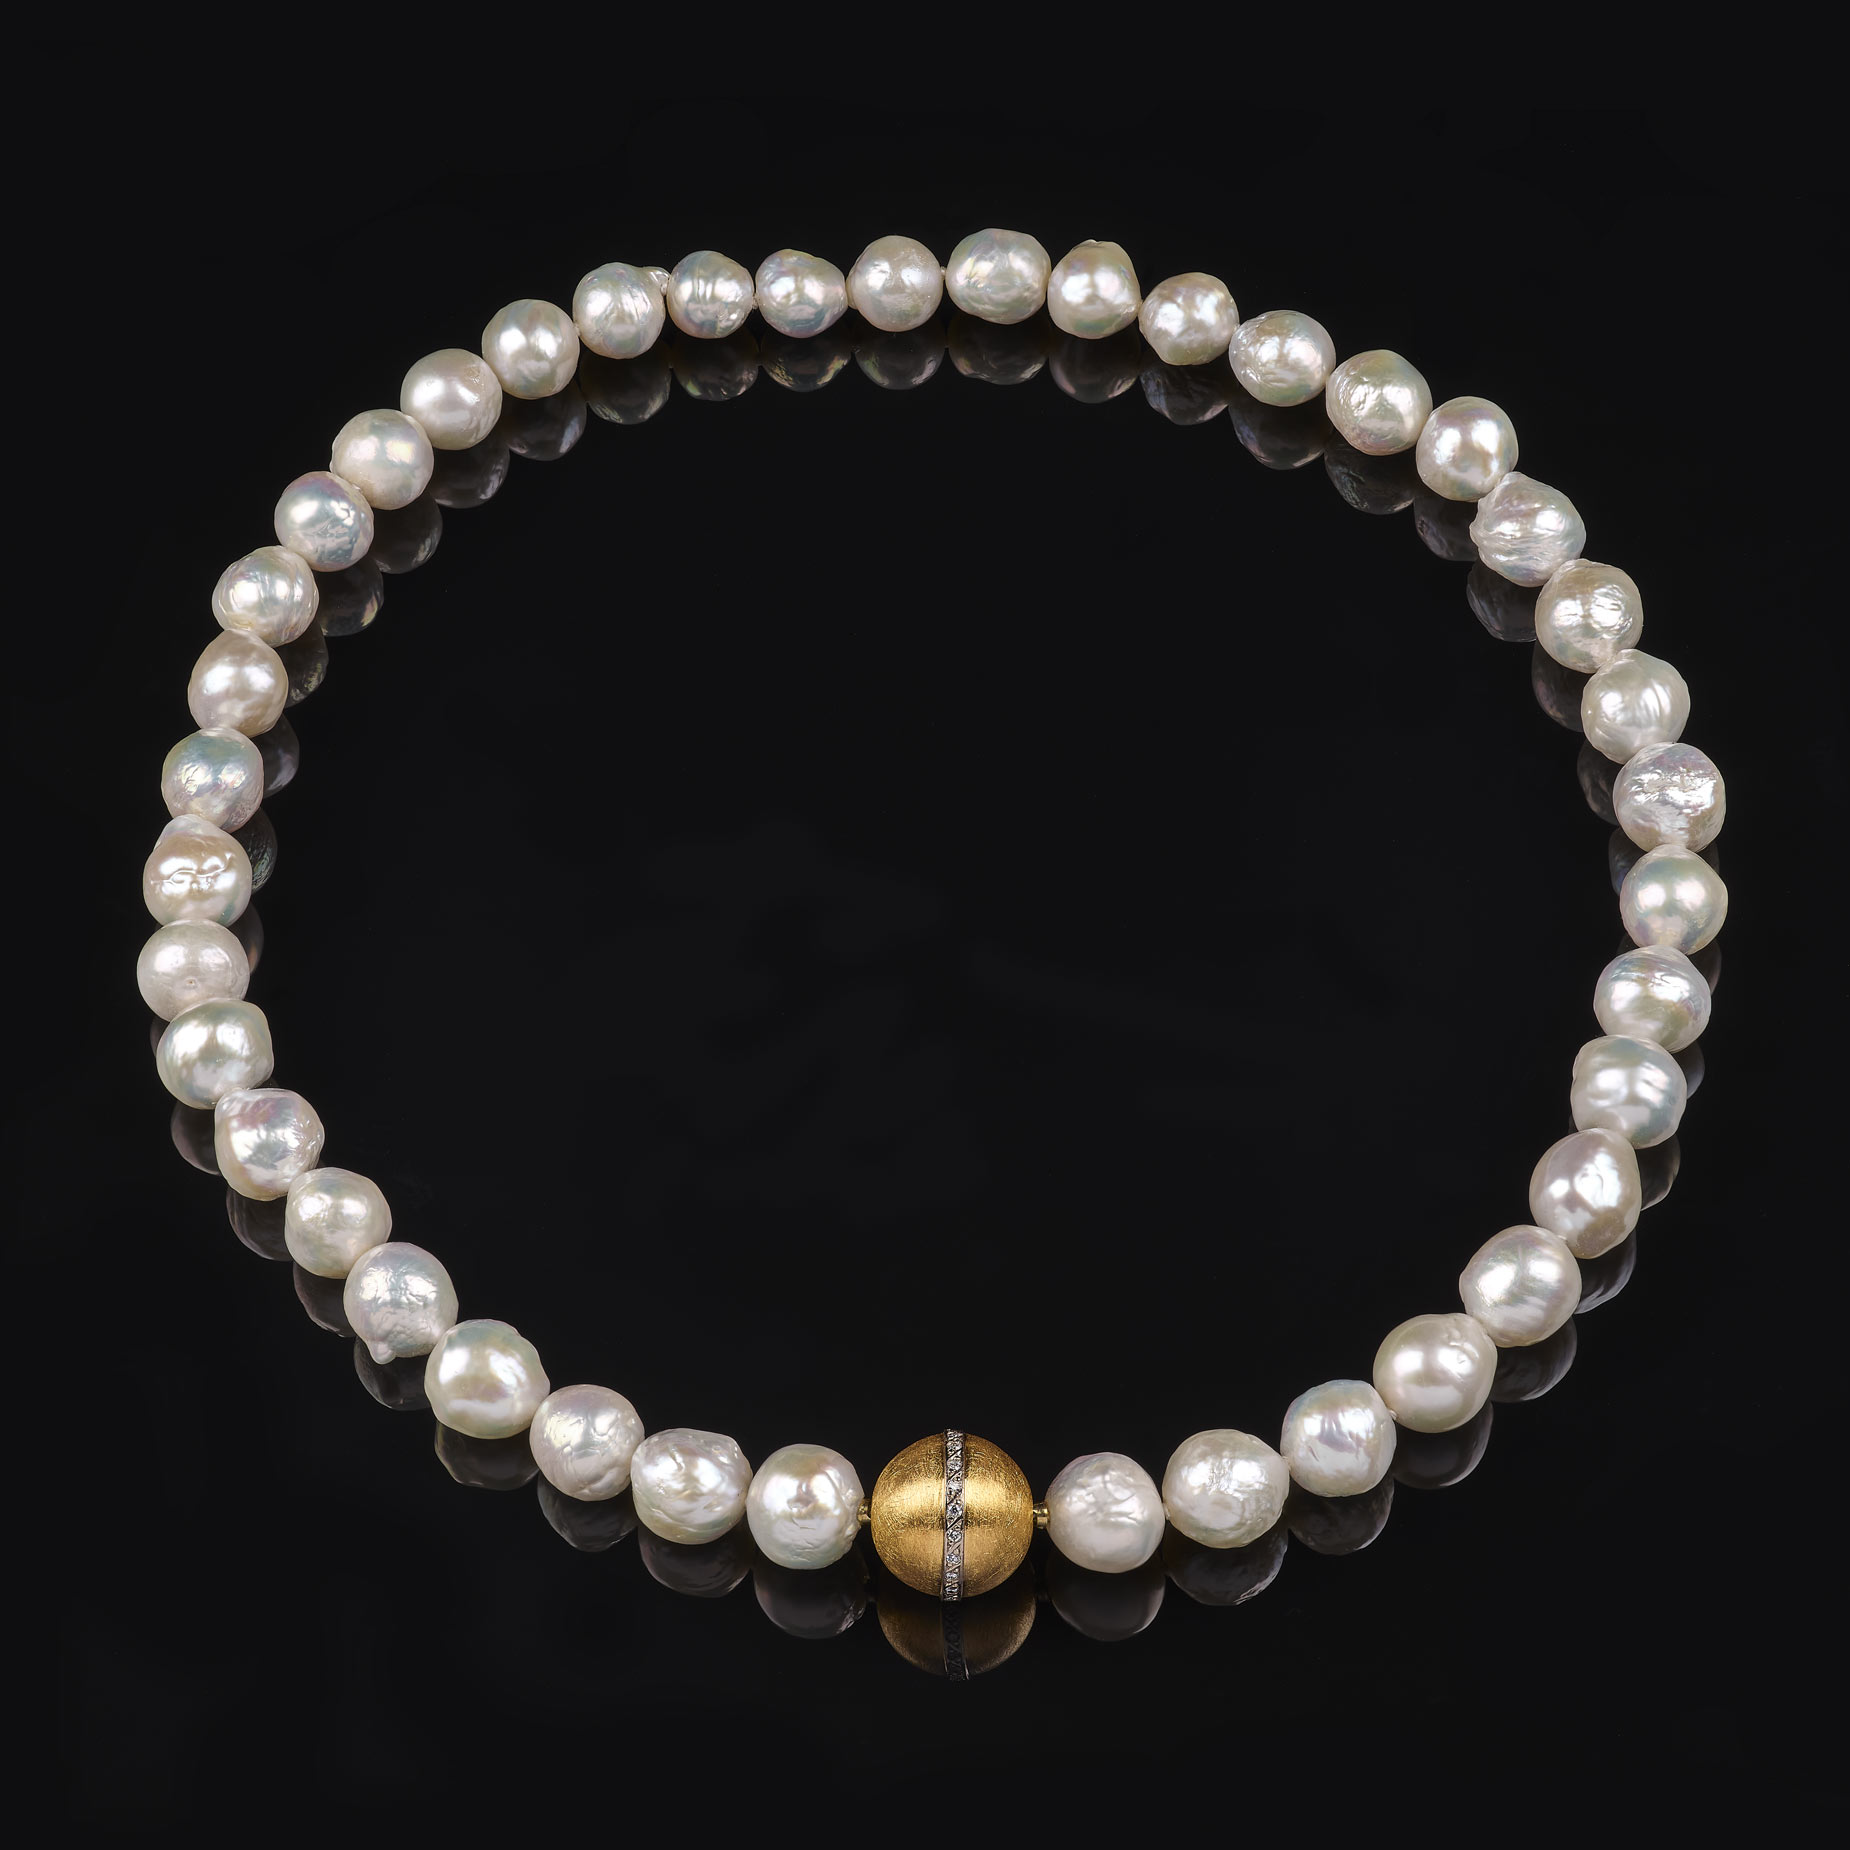 Perlenkette mit Wechselschließe, 750/000 Gelbgold, 950/000 Palladium, Brillanten